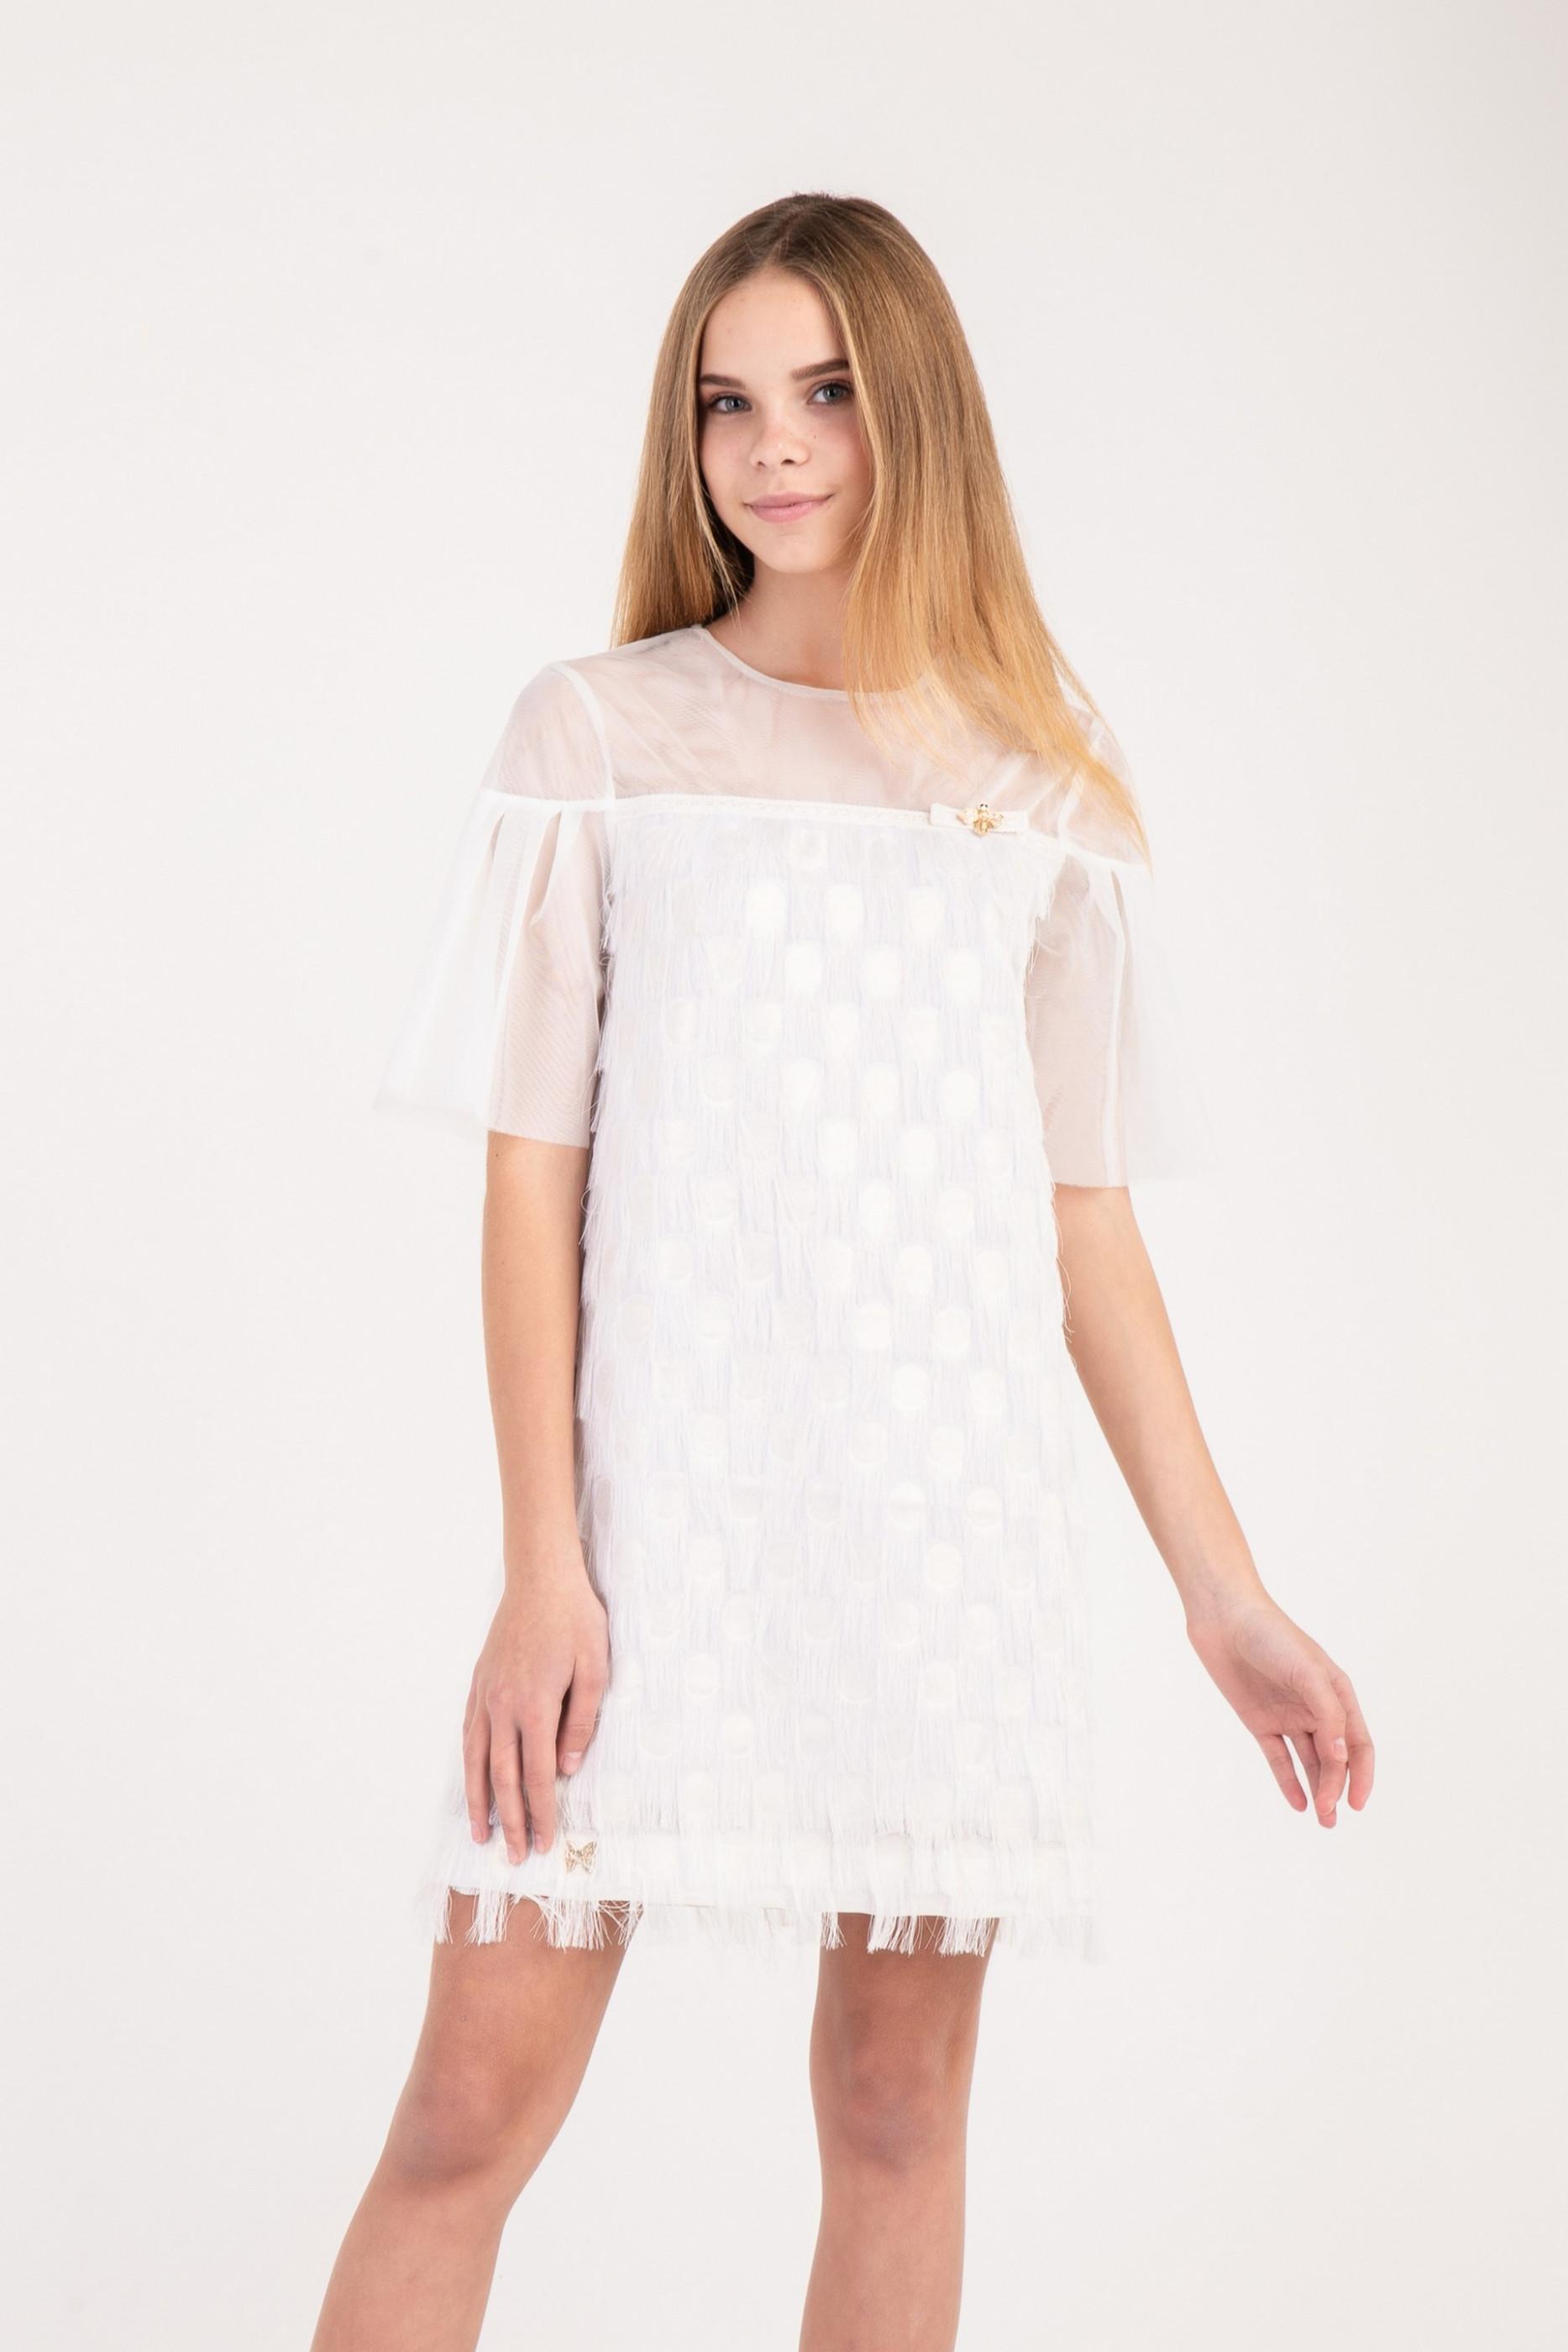 Плаття Аріель, фото №1